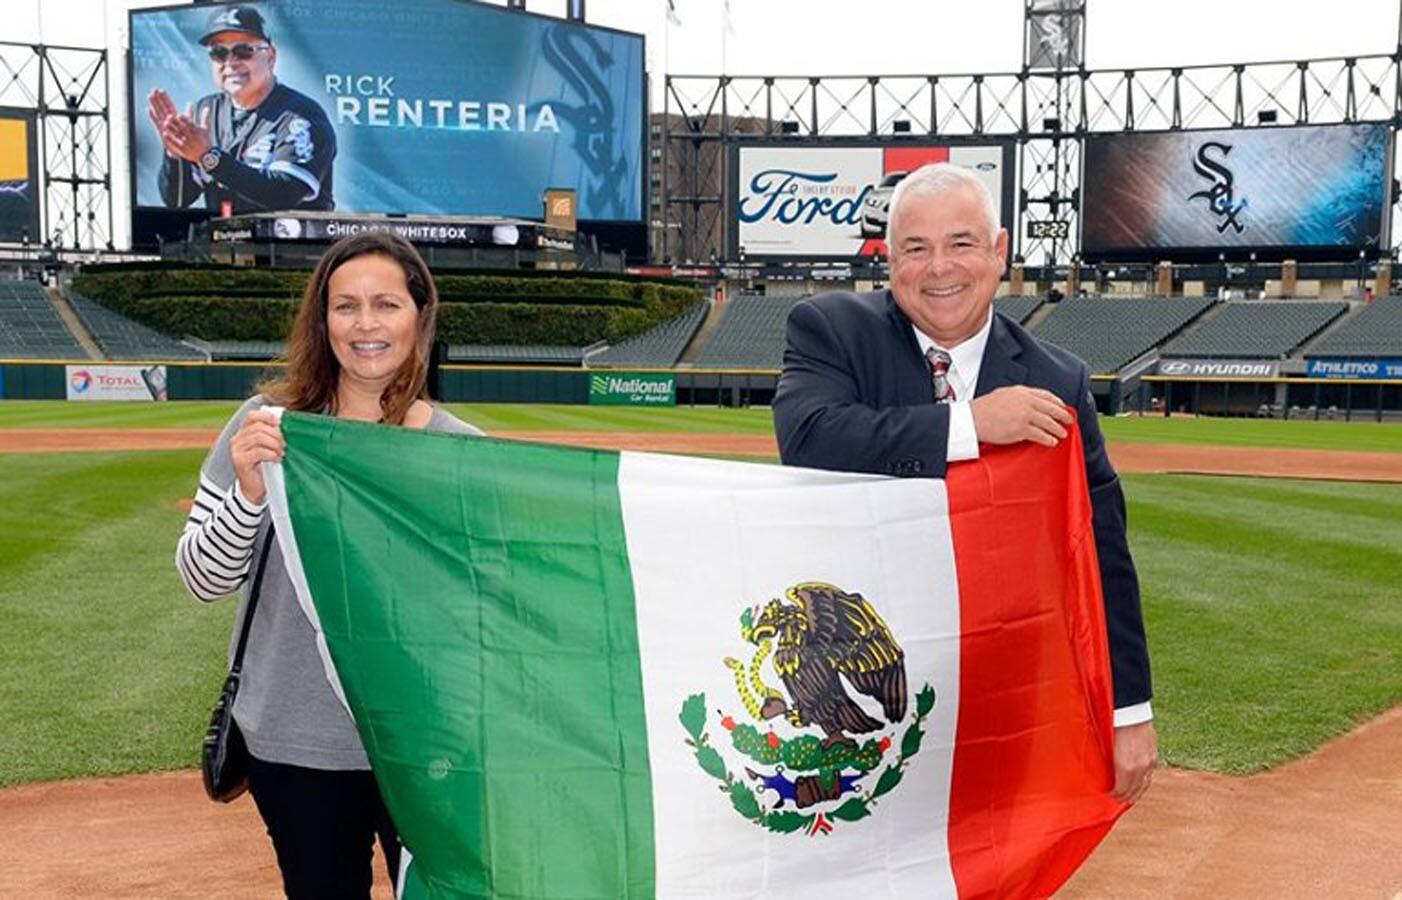 Rick Rentería recibió una segunda oportunidad de dirigir en Chicago —esta vez en el sur de la ciudad. Los Medias Blancas ascendieron al mexicano de entrenador de banca con la esperanza de que pueda cambiar el rumbo de una franquicia que anda a la deriva.